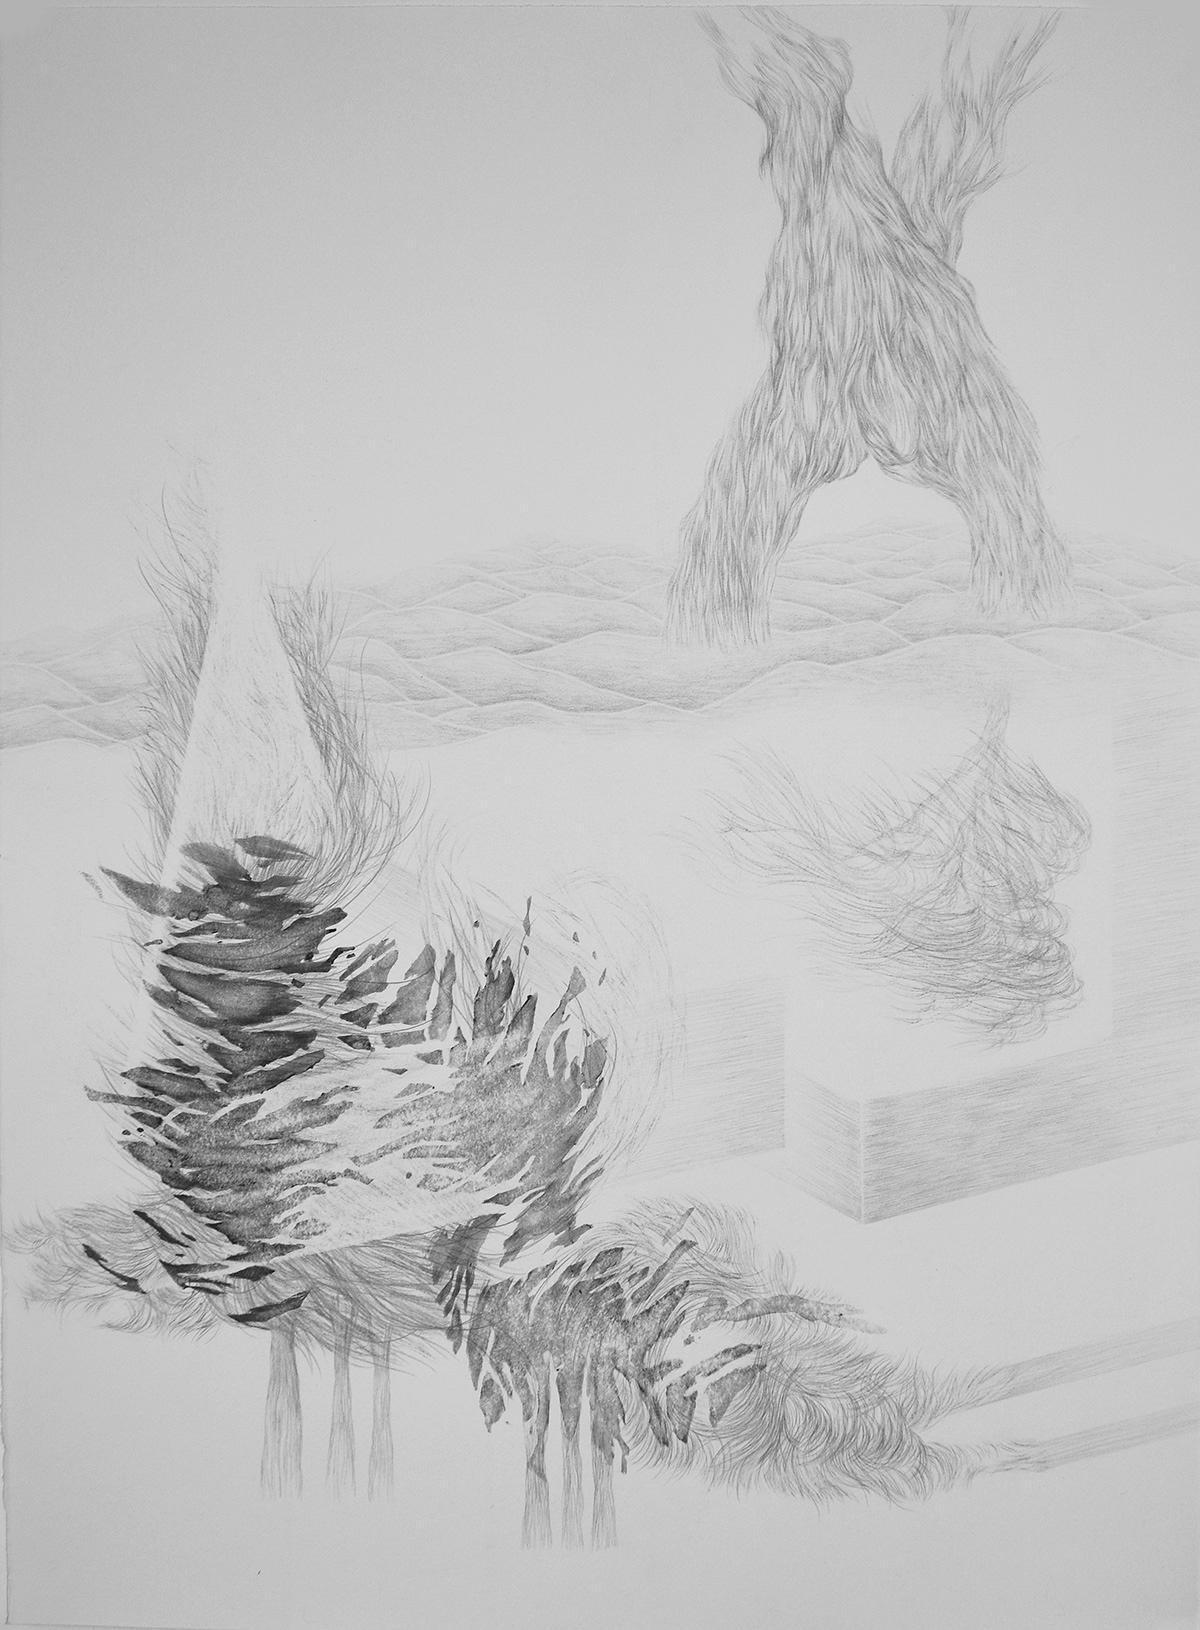 <i>La contrée</i>, 2015, graphite et lavis, 80x60cm